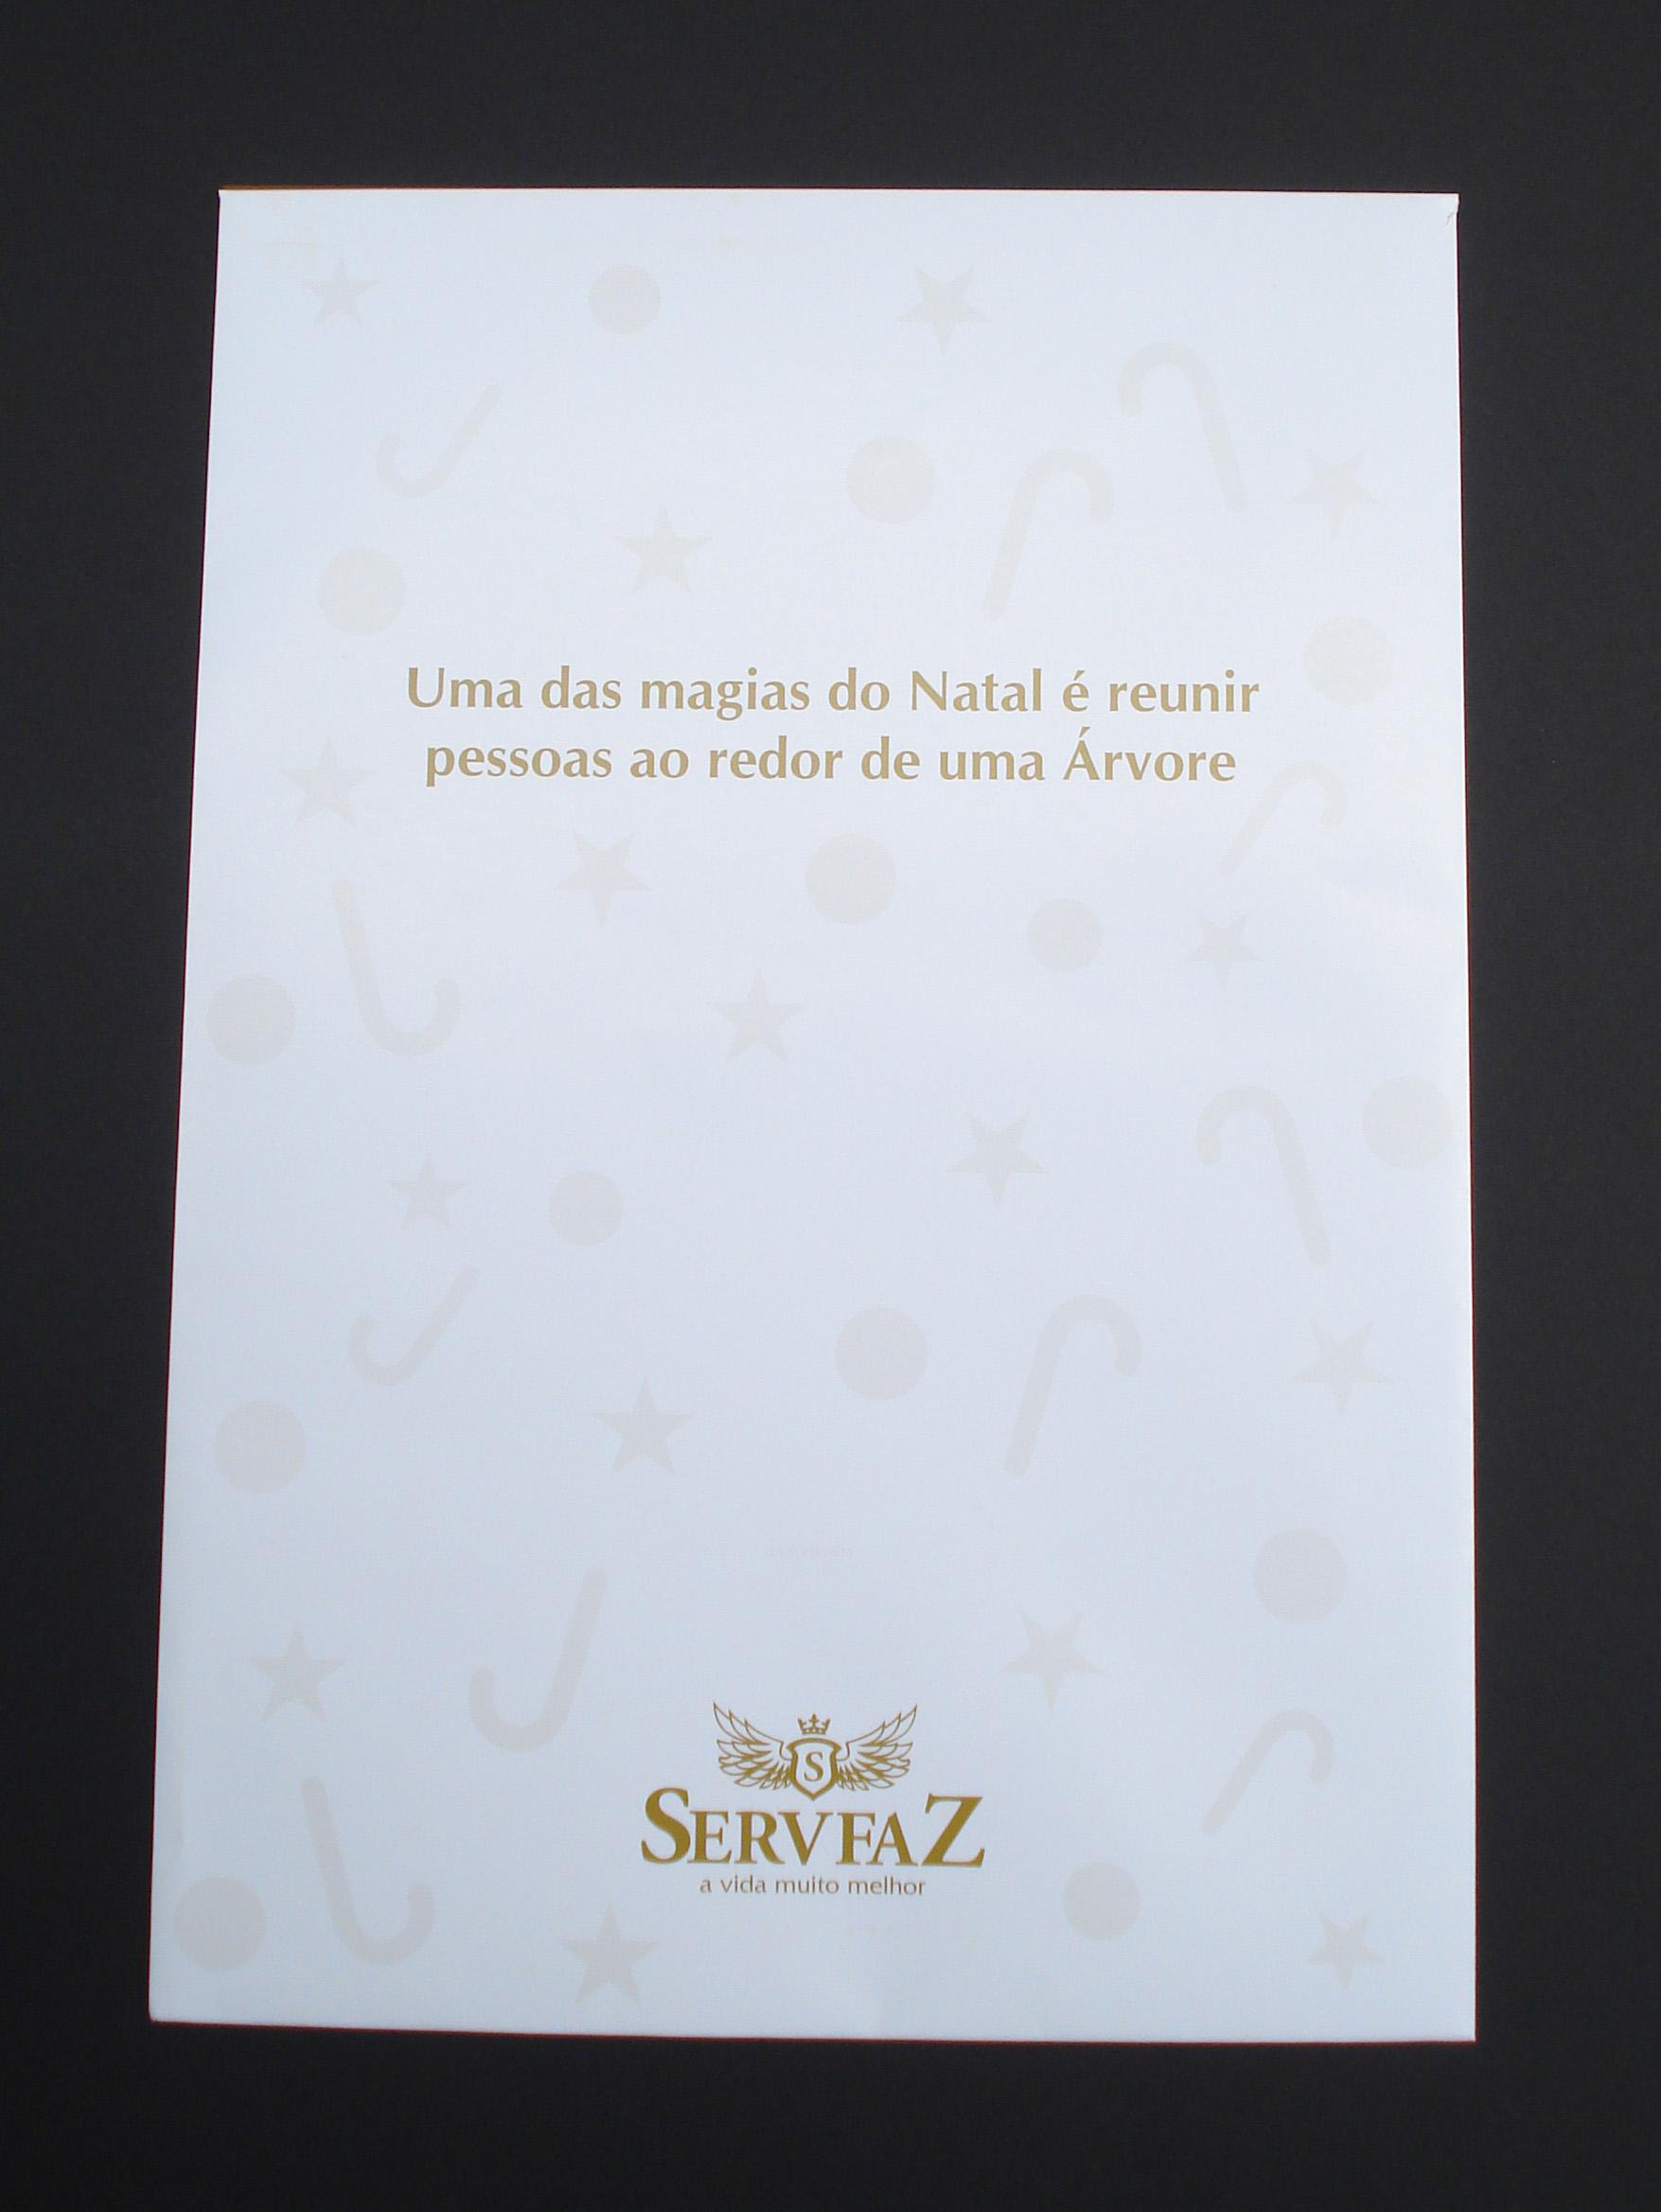 Servfaz